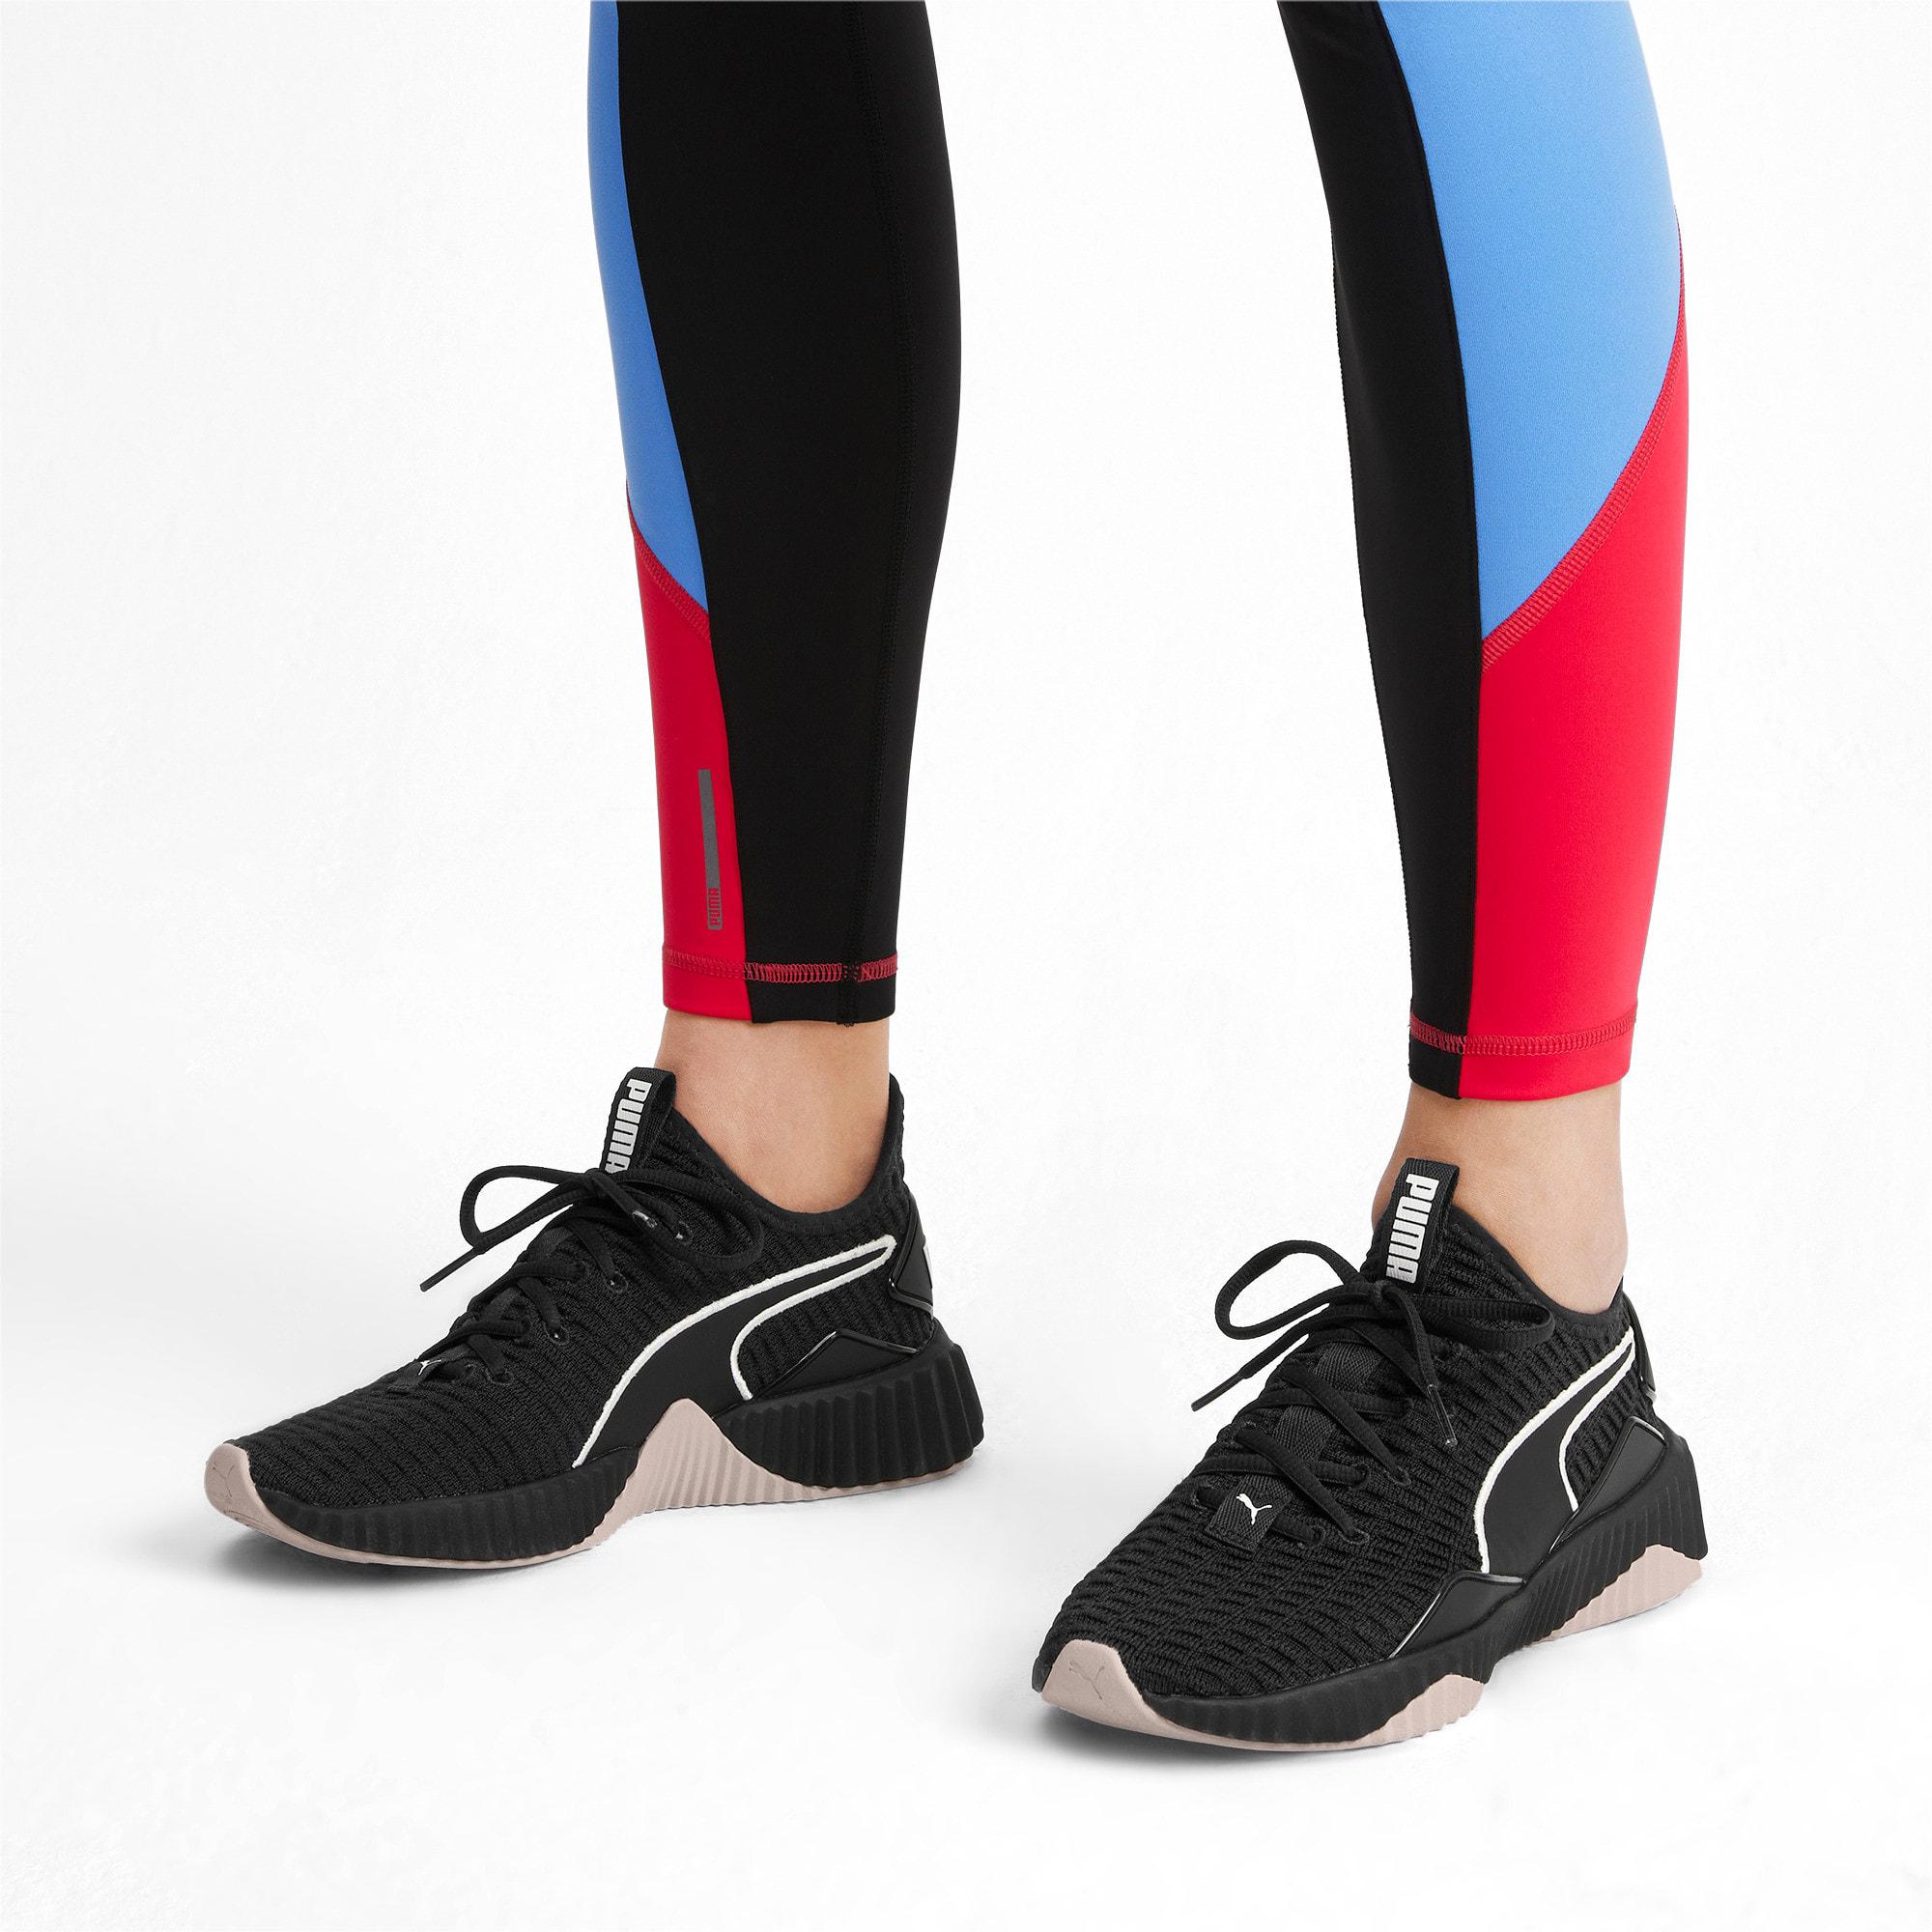 Imagen en miniatura 2 de Zapatillas de mujer Defy, Puma Black-Pastel Parchment, mediana